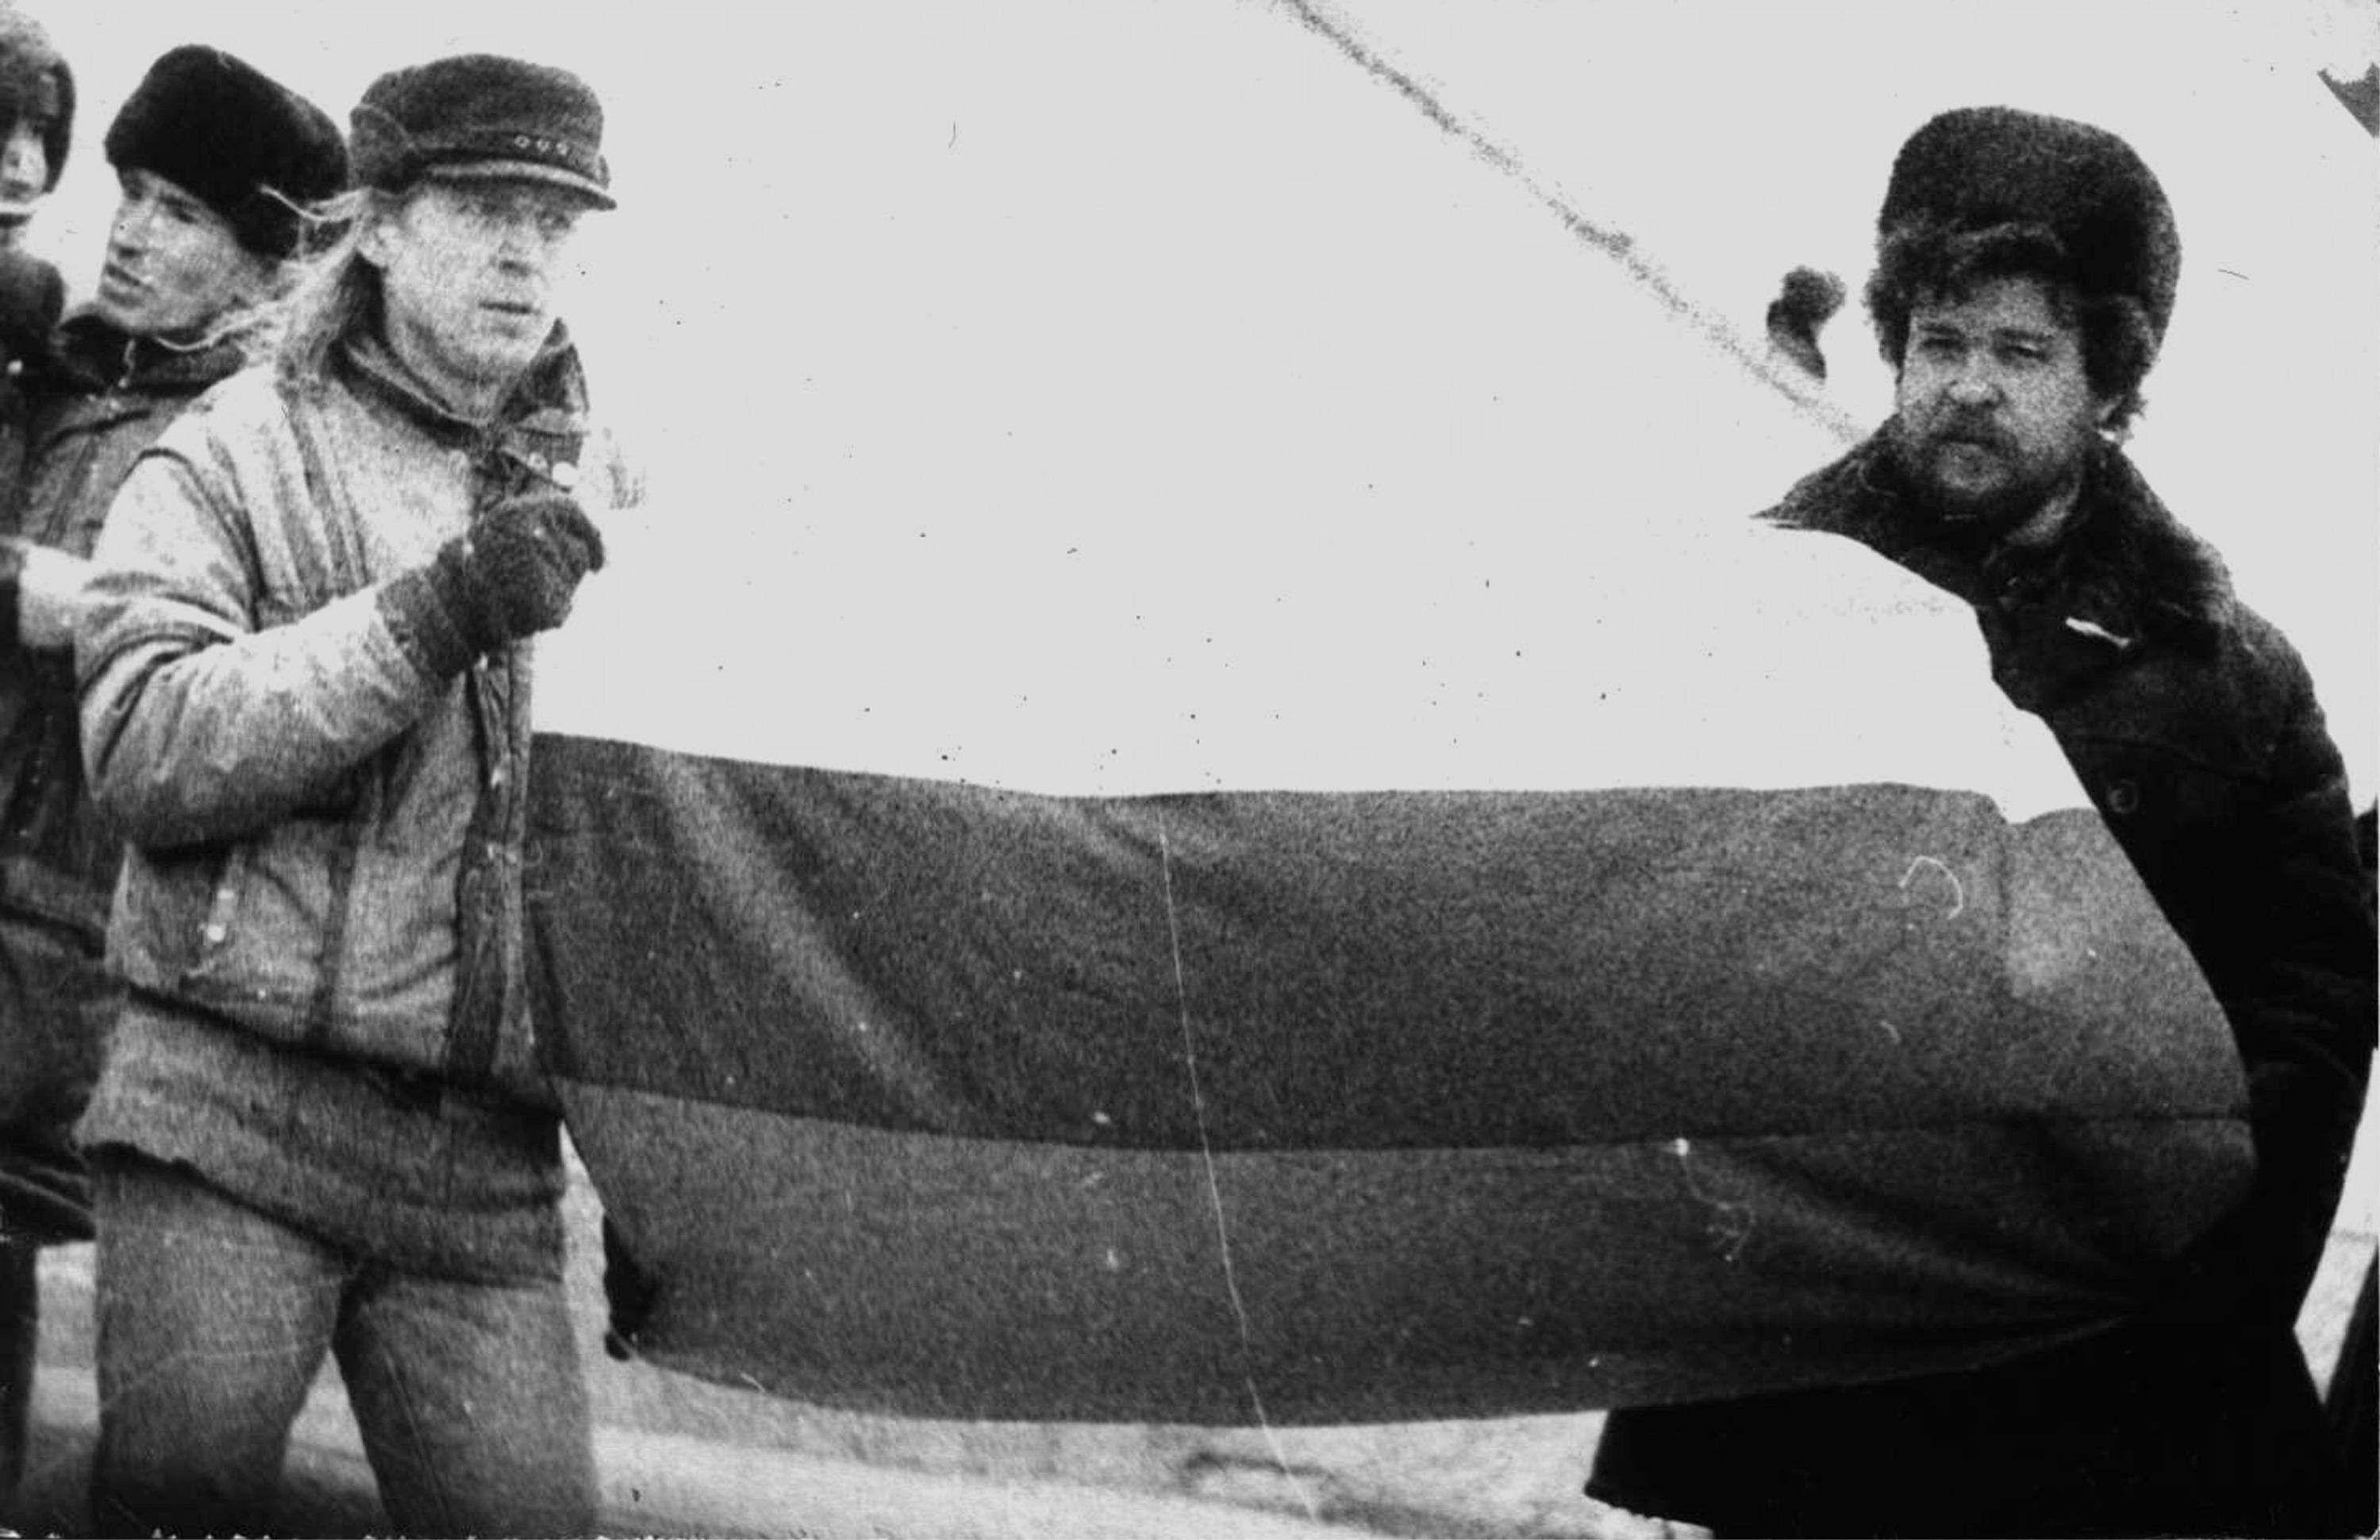 В 1989 году в Новосибирске впервые публично подняли российский триколор — это было настолько неожиданно для властей, что митинг даже не разогнали